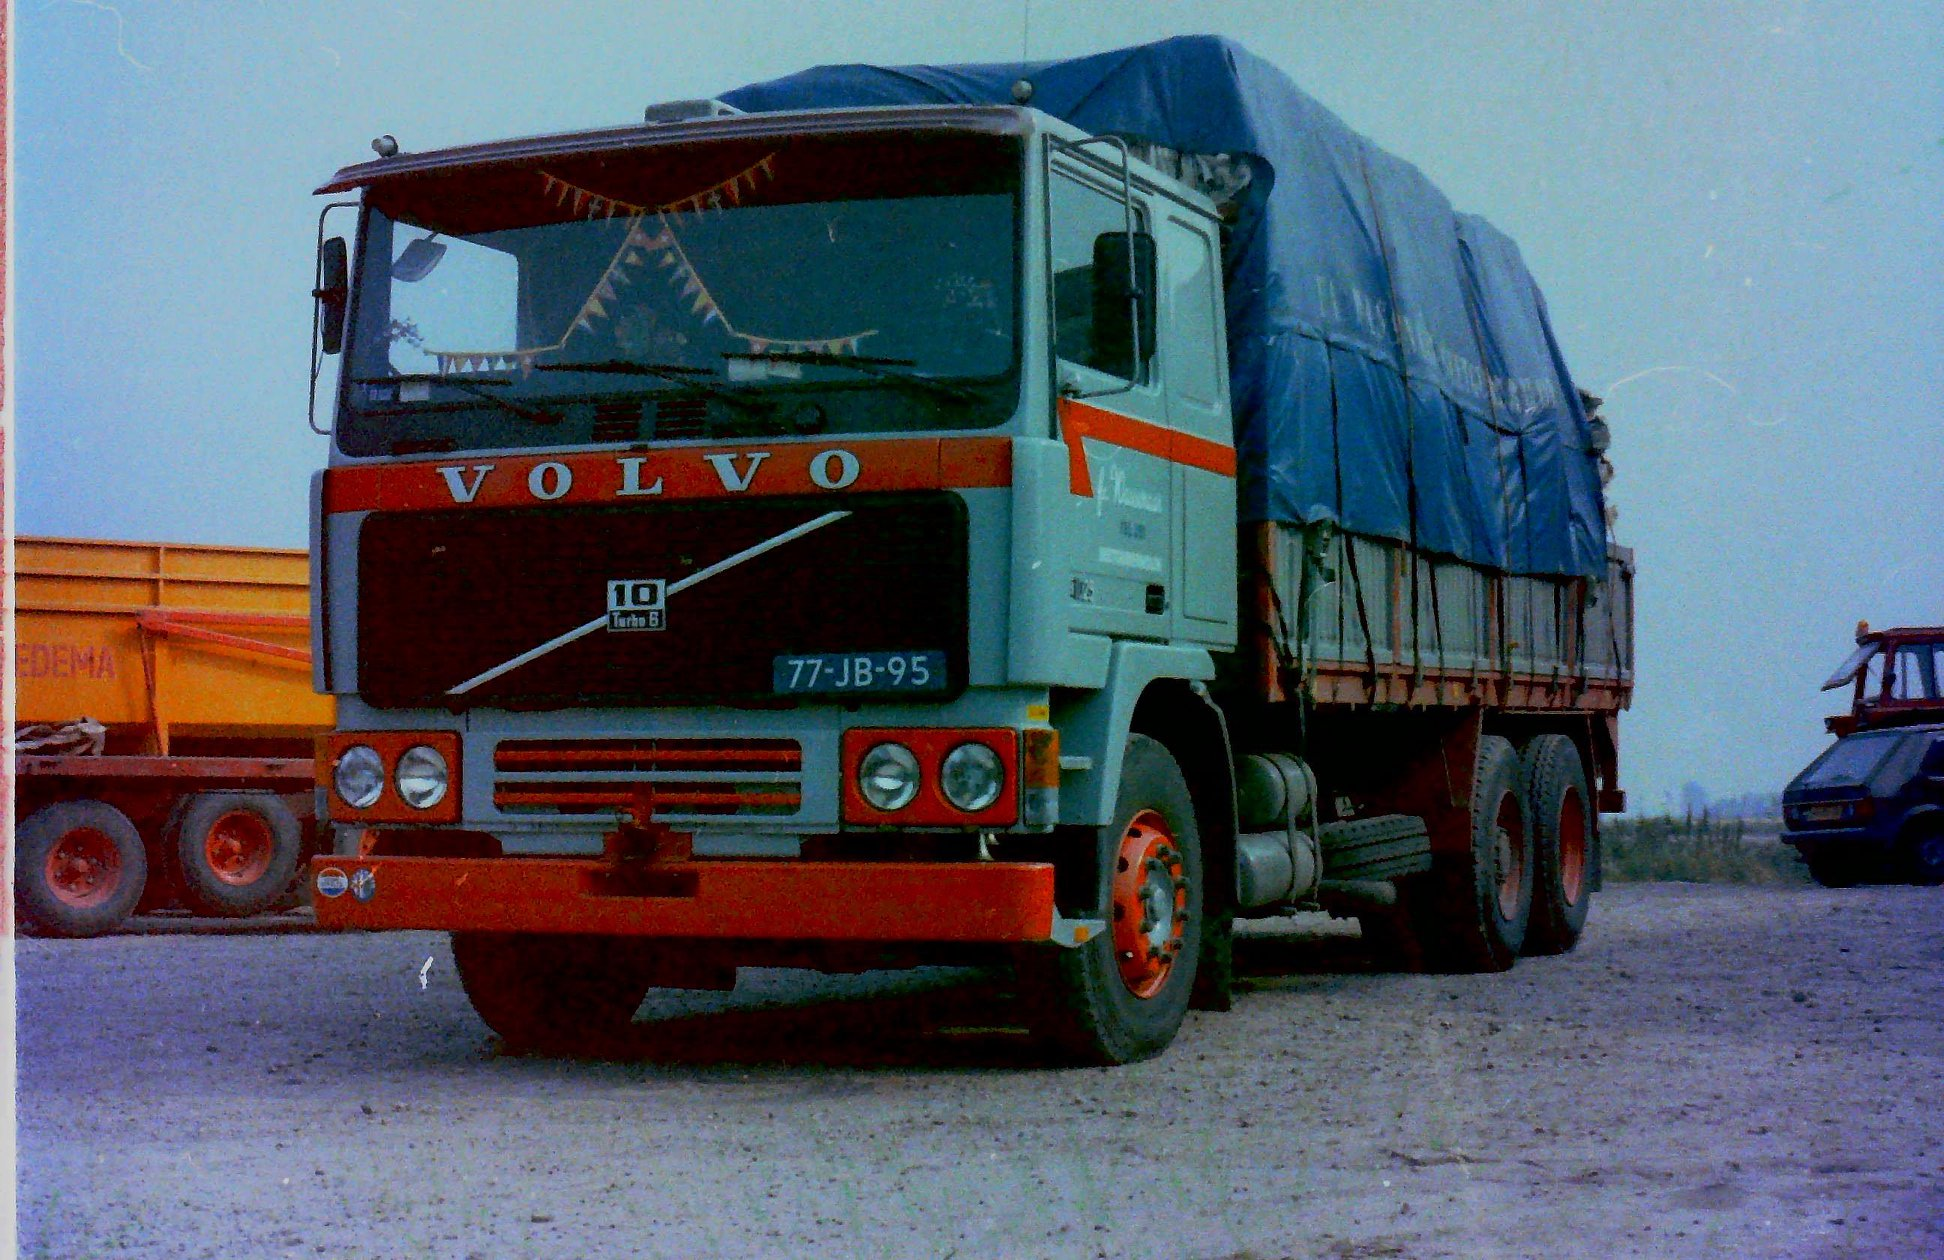 2-vrachtautos-van-Wassenaar-in-Beetgumermolen-gemaakt-voor-de-oude-loods-in-Beetgumermolen--fotos-door-mij-gemaakt-Lolle-7